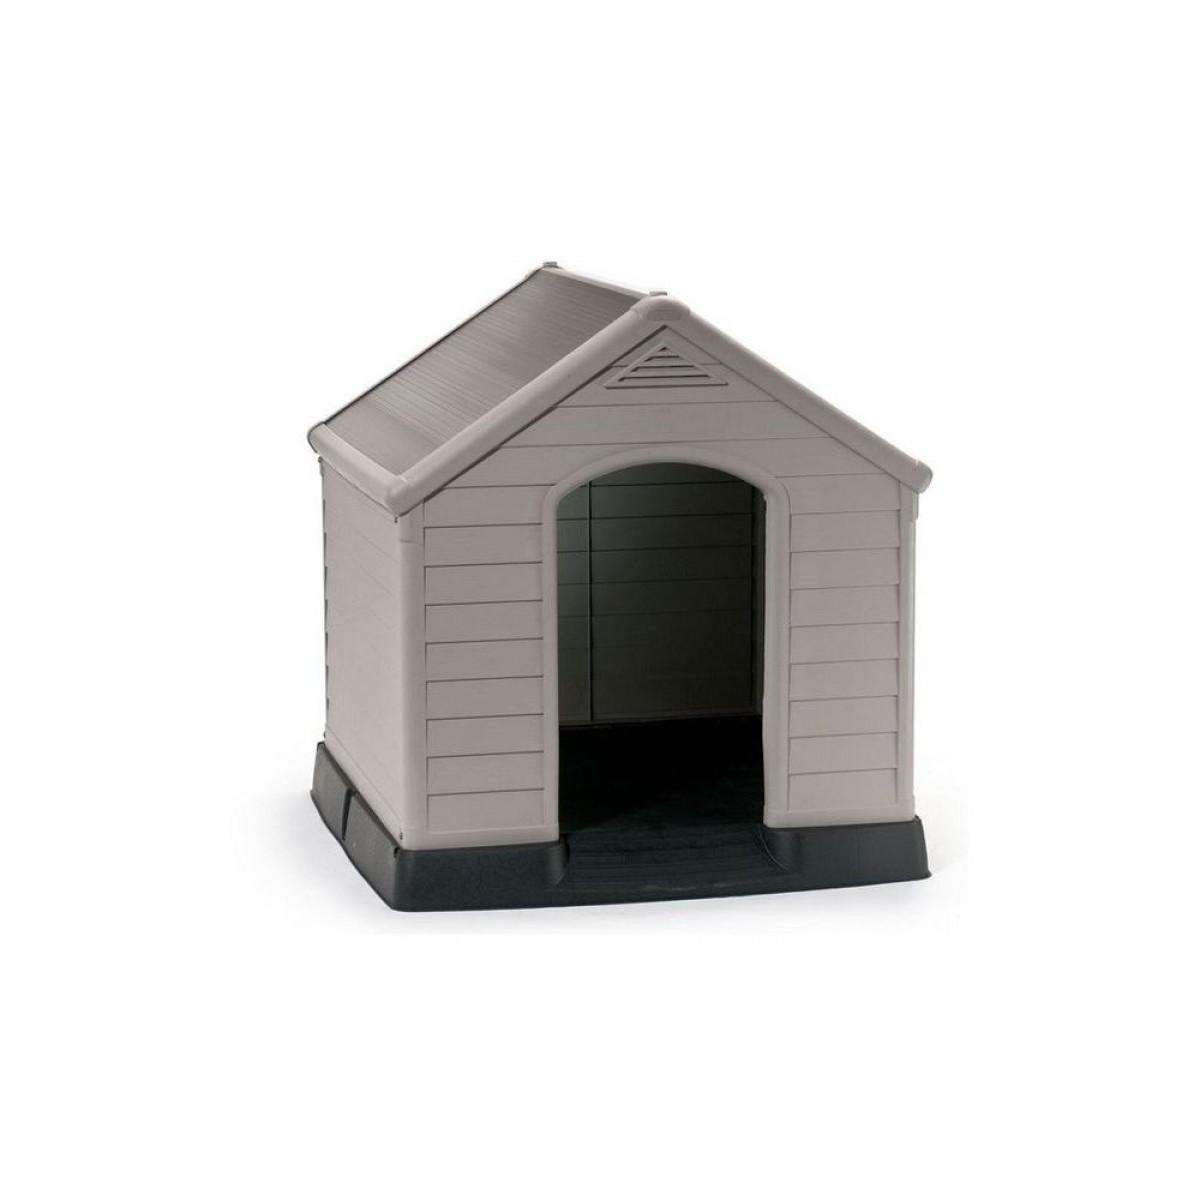 Σπιτάκι Σκύλου KETER (CURVER) 100 99X95X99 ΕΚ.